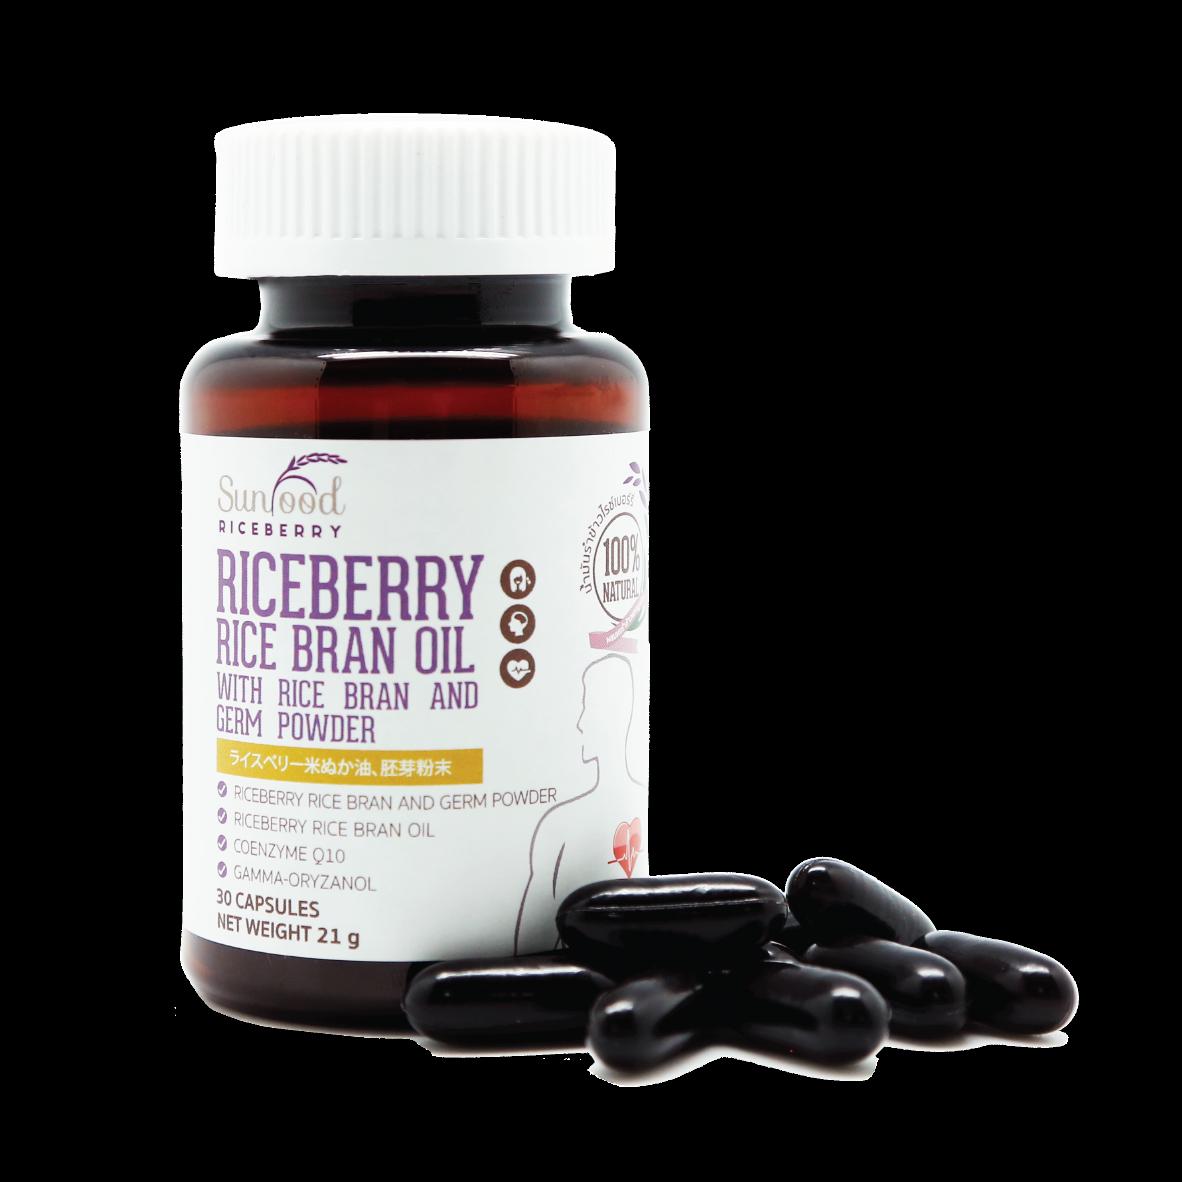 น้ำมันรำข้าวไรซ์เบอร์รี่สกัดเย็น ผสมรำข้าว และ Coenzyme Q10  น้ำมันรำข้าวไรซ์เบอร์รี่สกัดเย็น ผสมรำข้าว และ Coenzyme Q10   (Riceberry Rice Bran Oil ,Germ Powder and Co Q10)